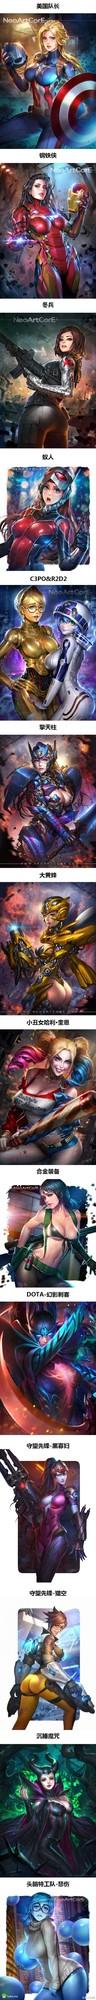 电影游戏角色的性感海报版,霸气~